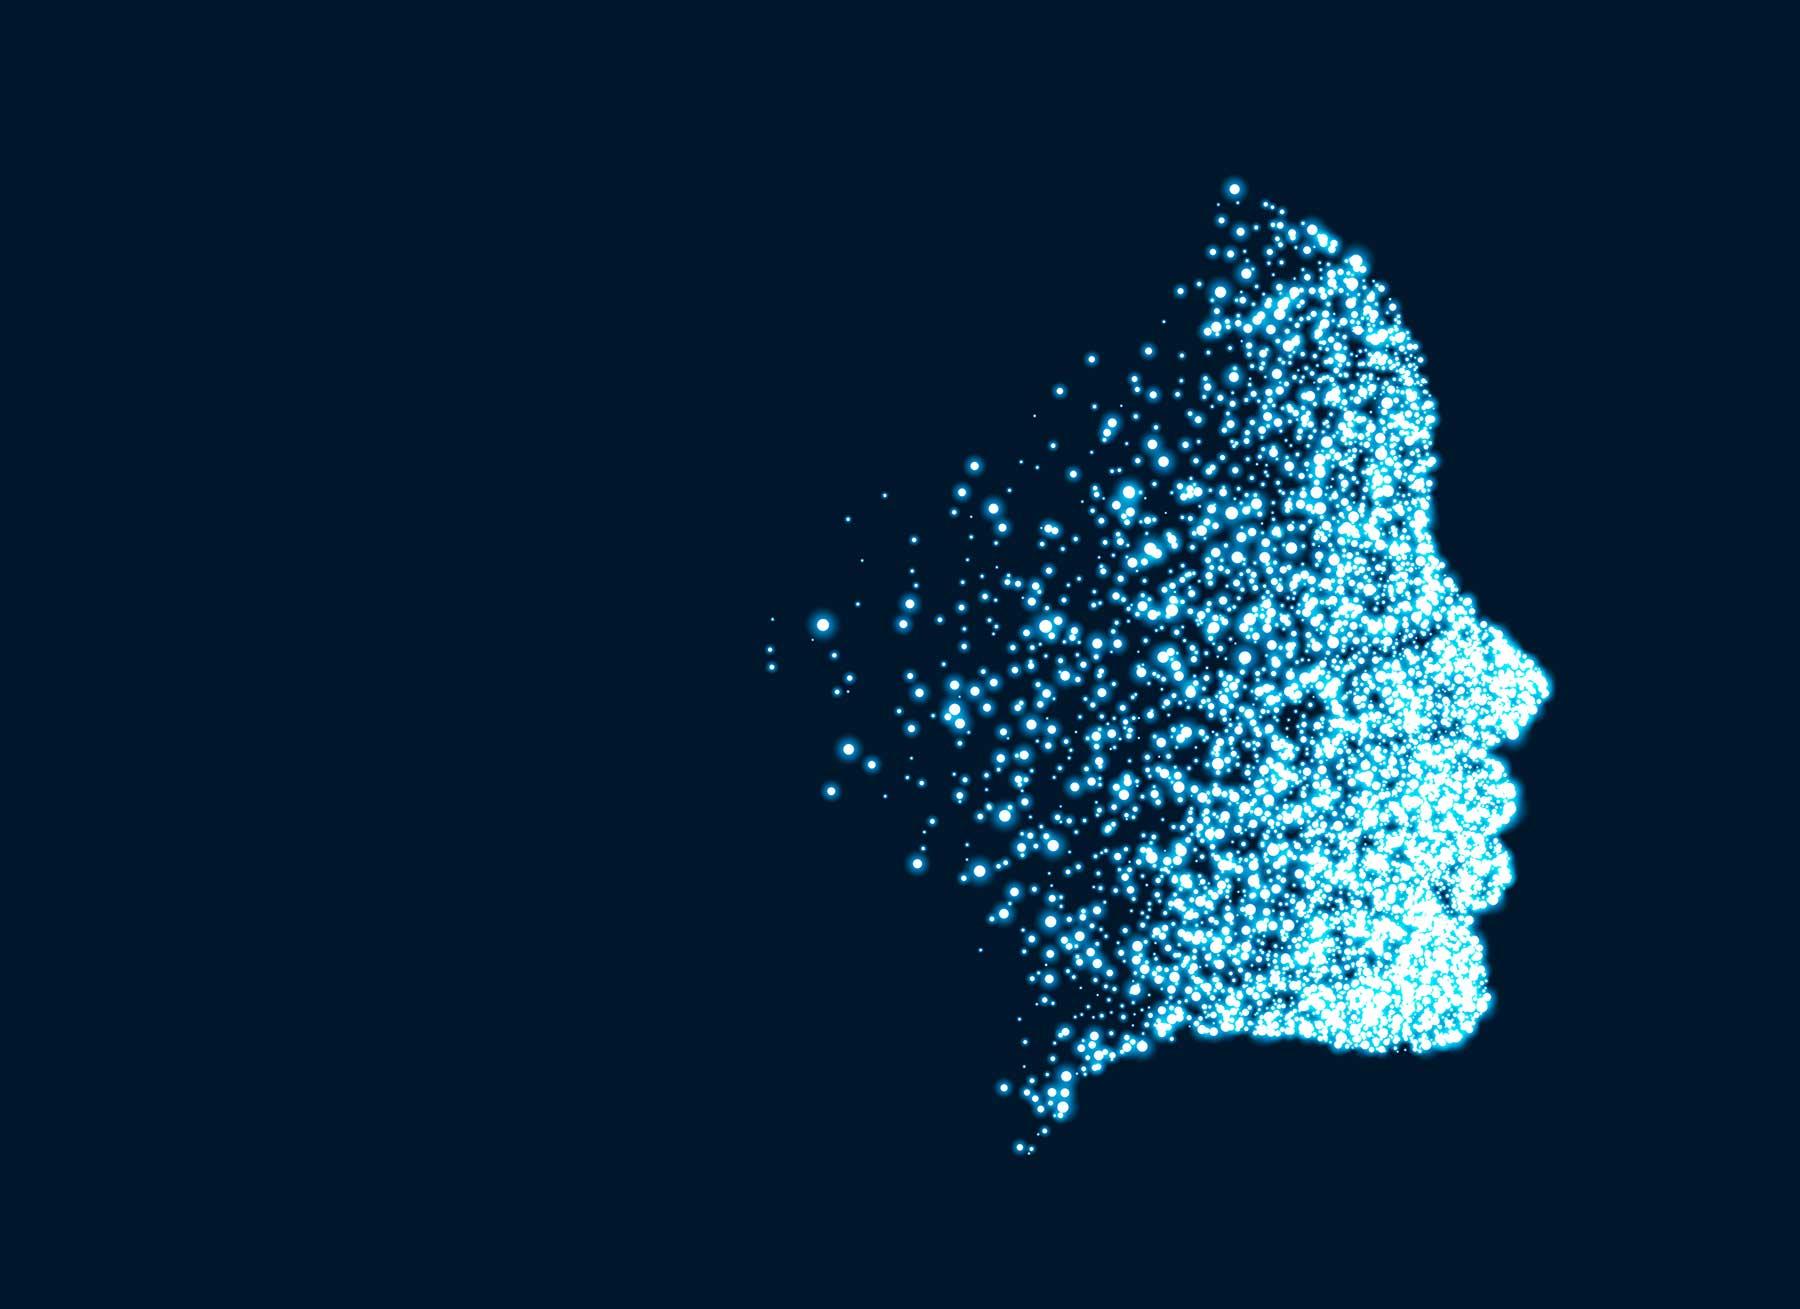 atendimento ao cliente e inteligencia cognitiva